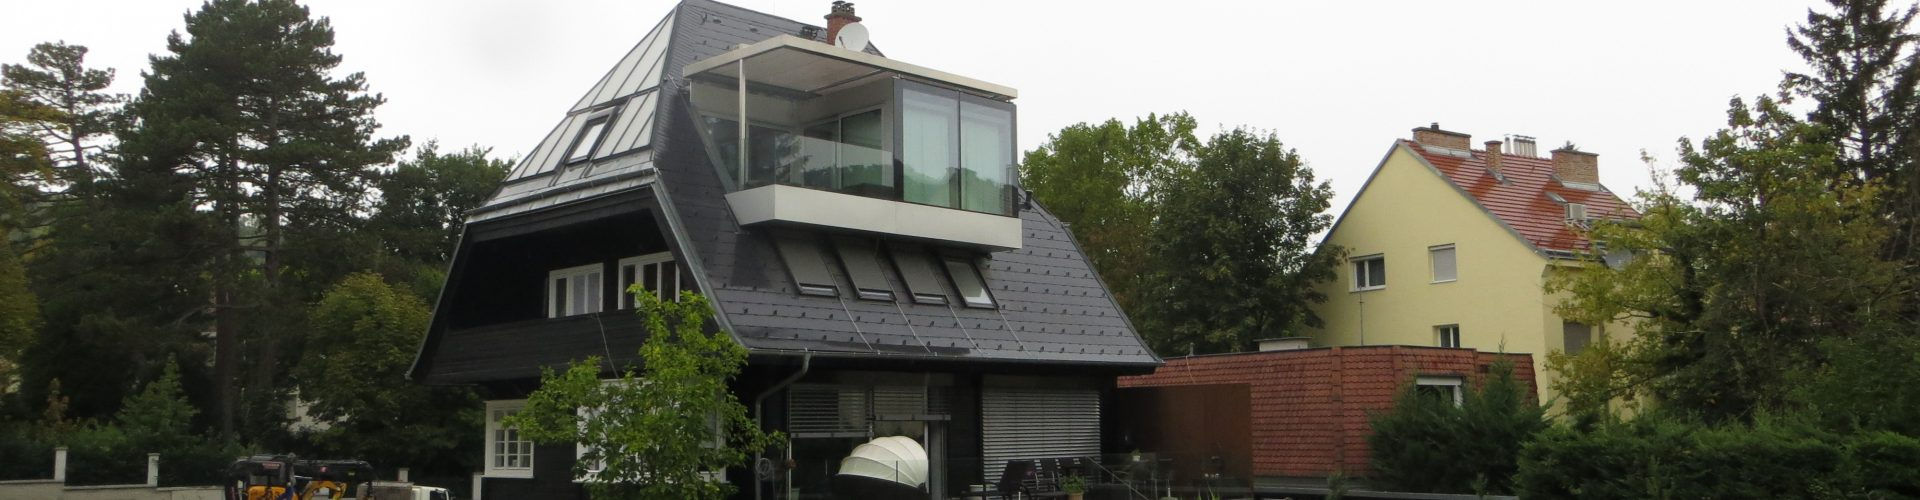 Umbau Haus G.